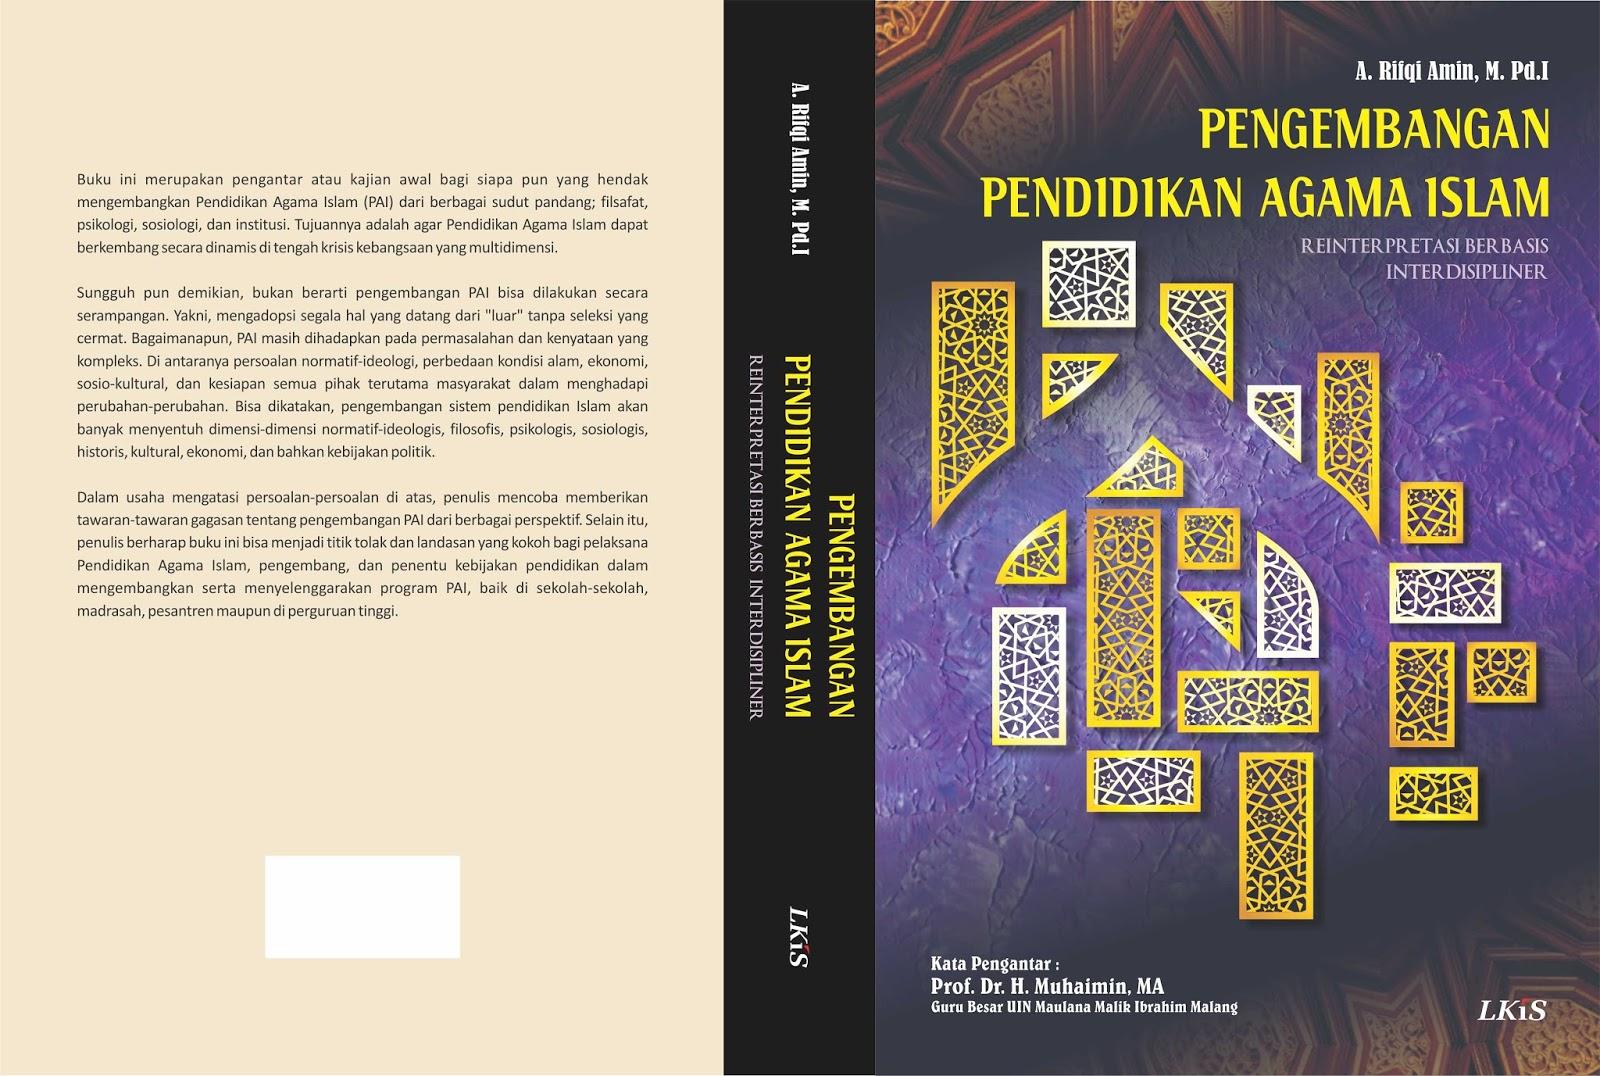 Sinopsis Buku Pengembangan Pendidikan Agama Islam Reinterpretasi